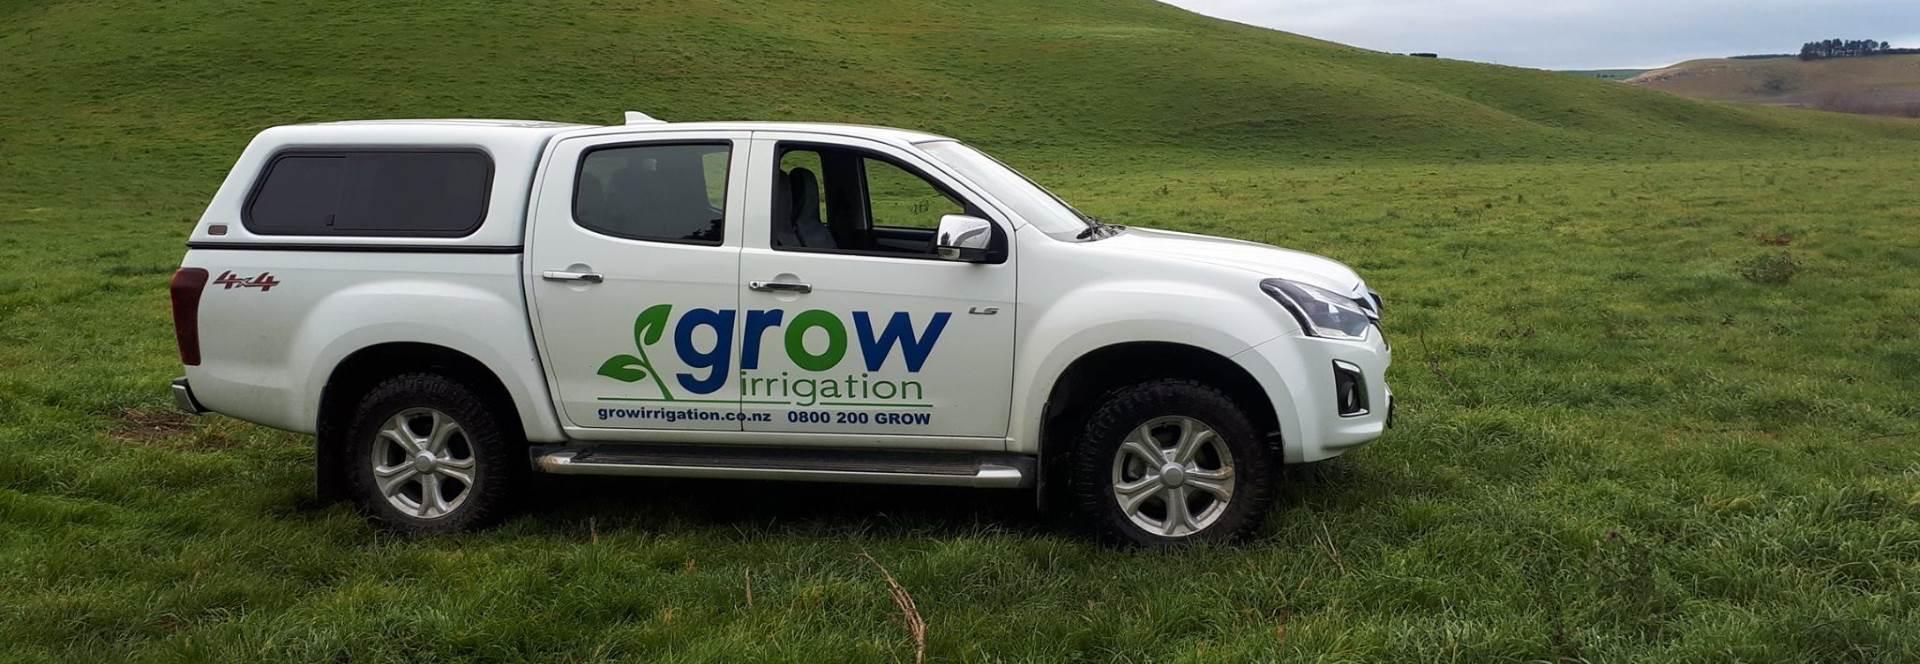 grow truck